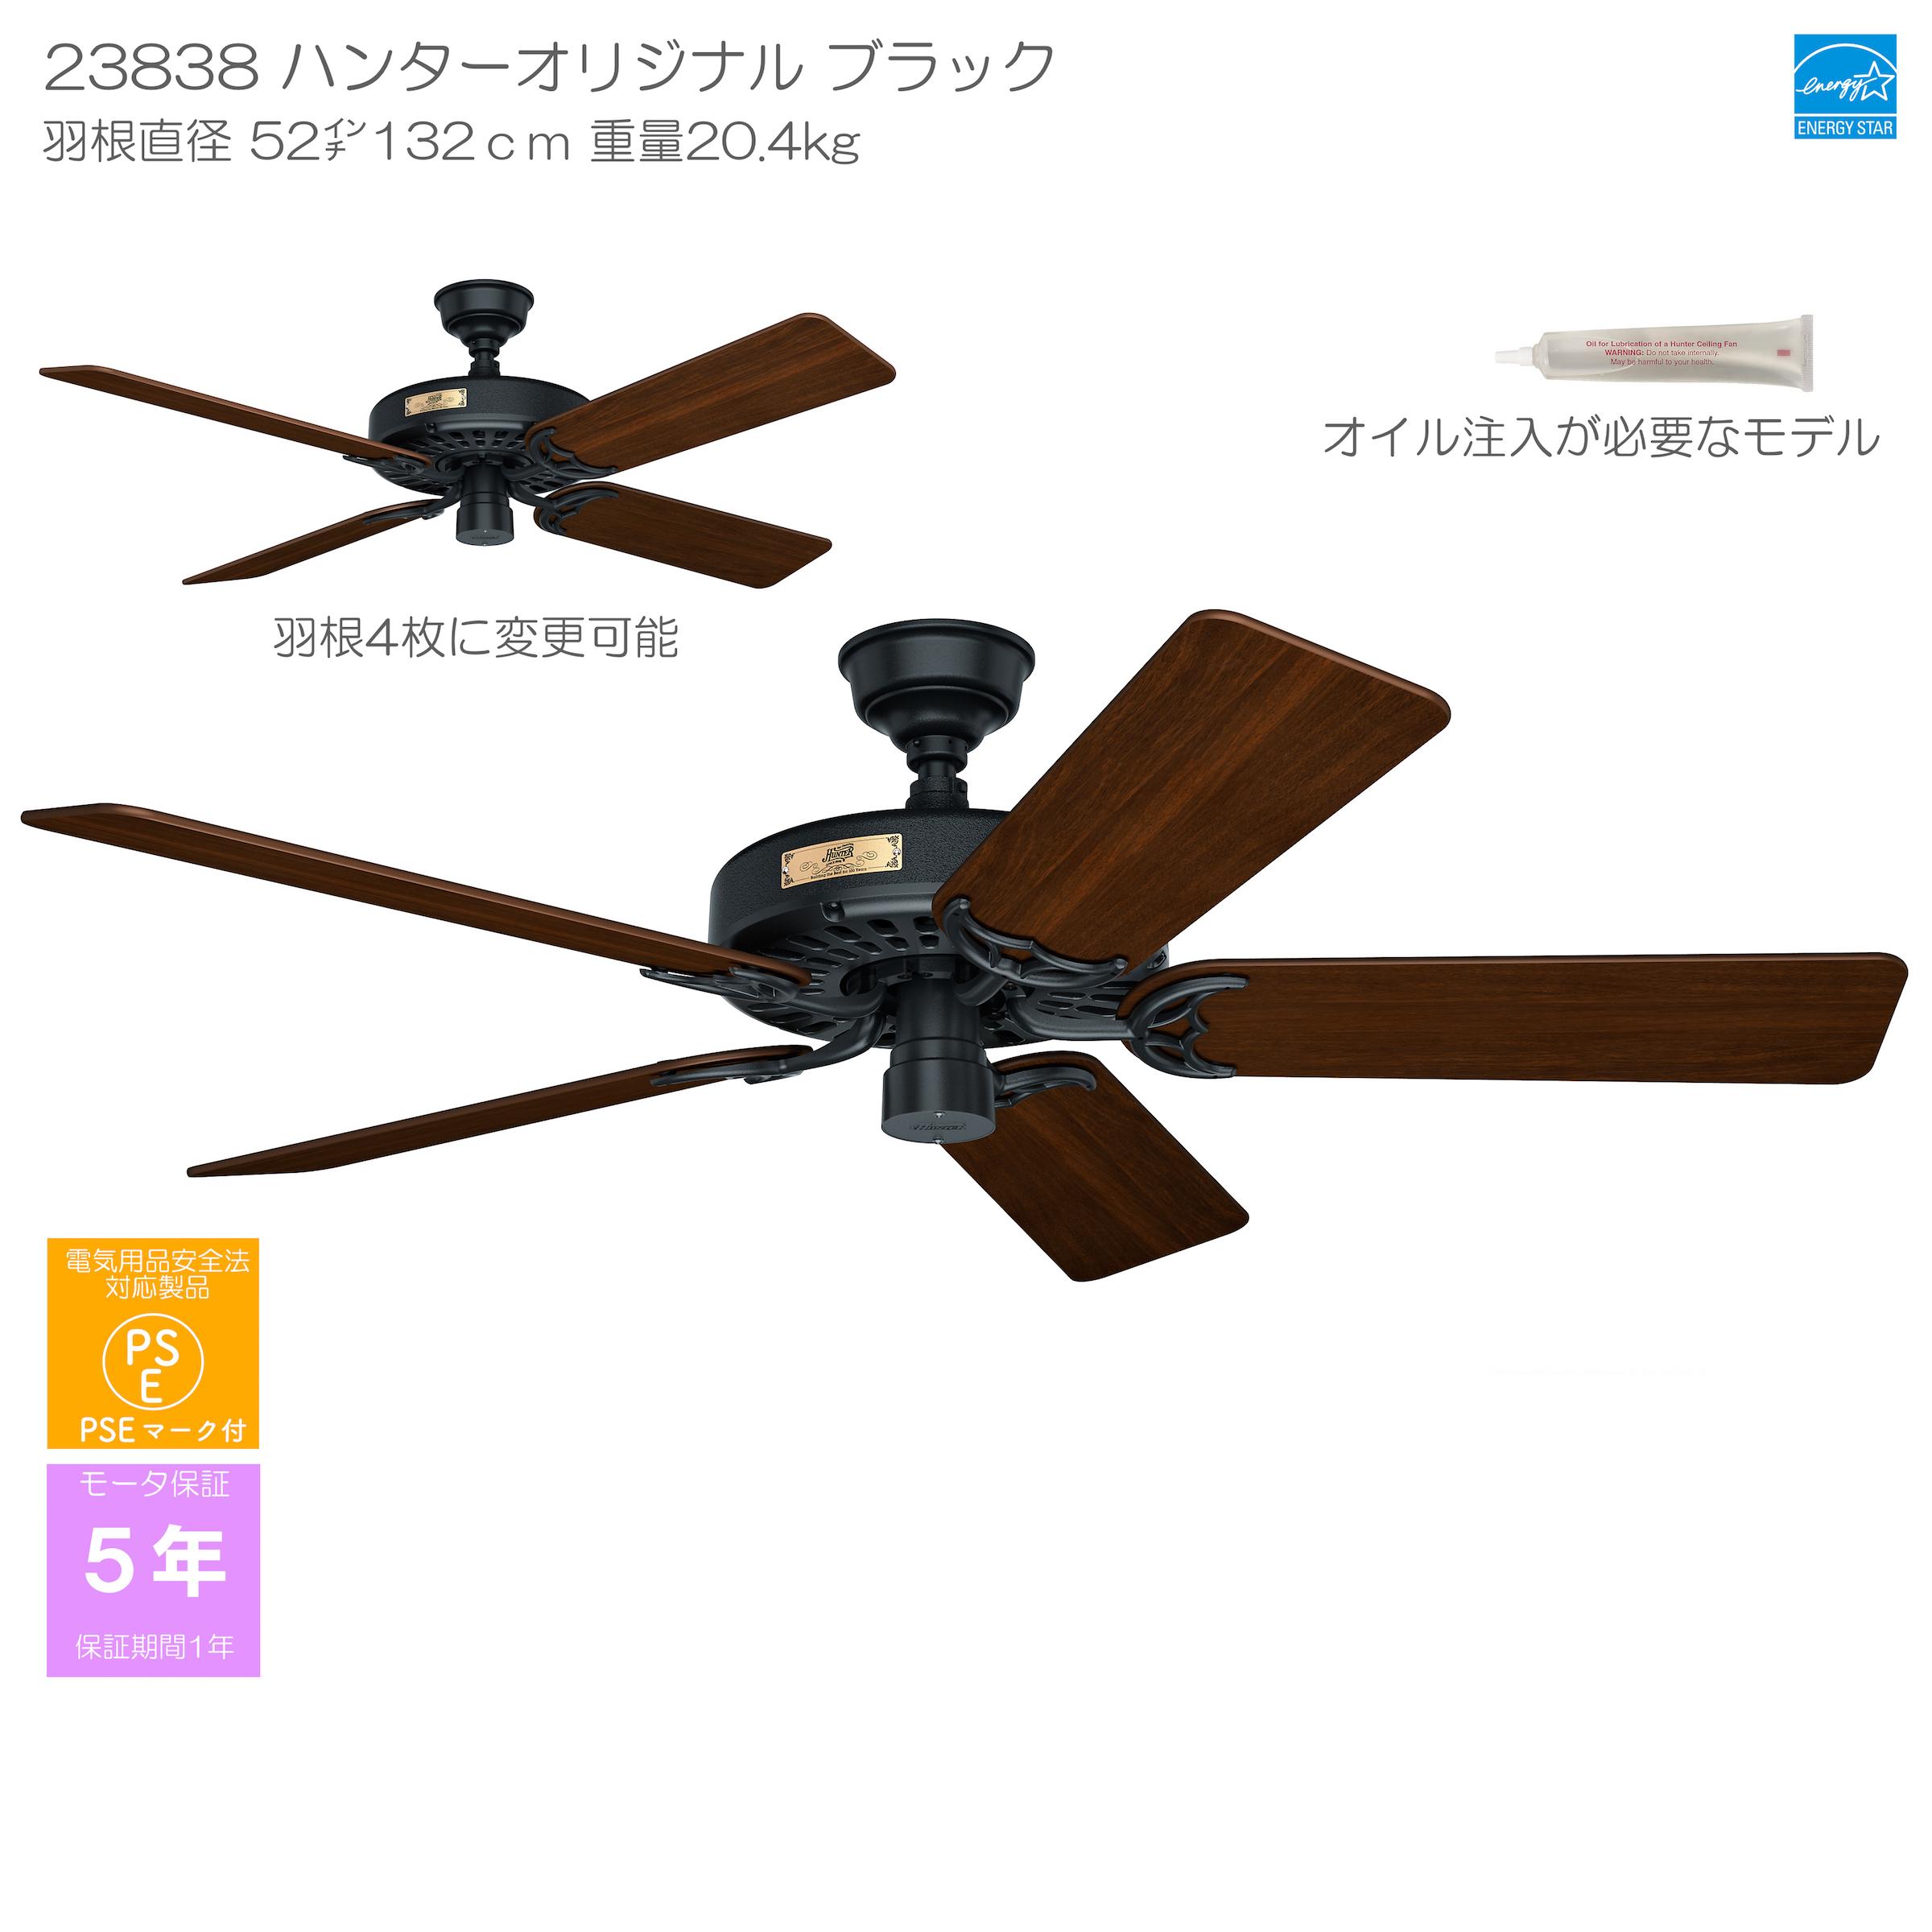 ハンターオリジナル【ファン本体のみ】 - 画像1